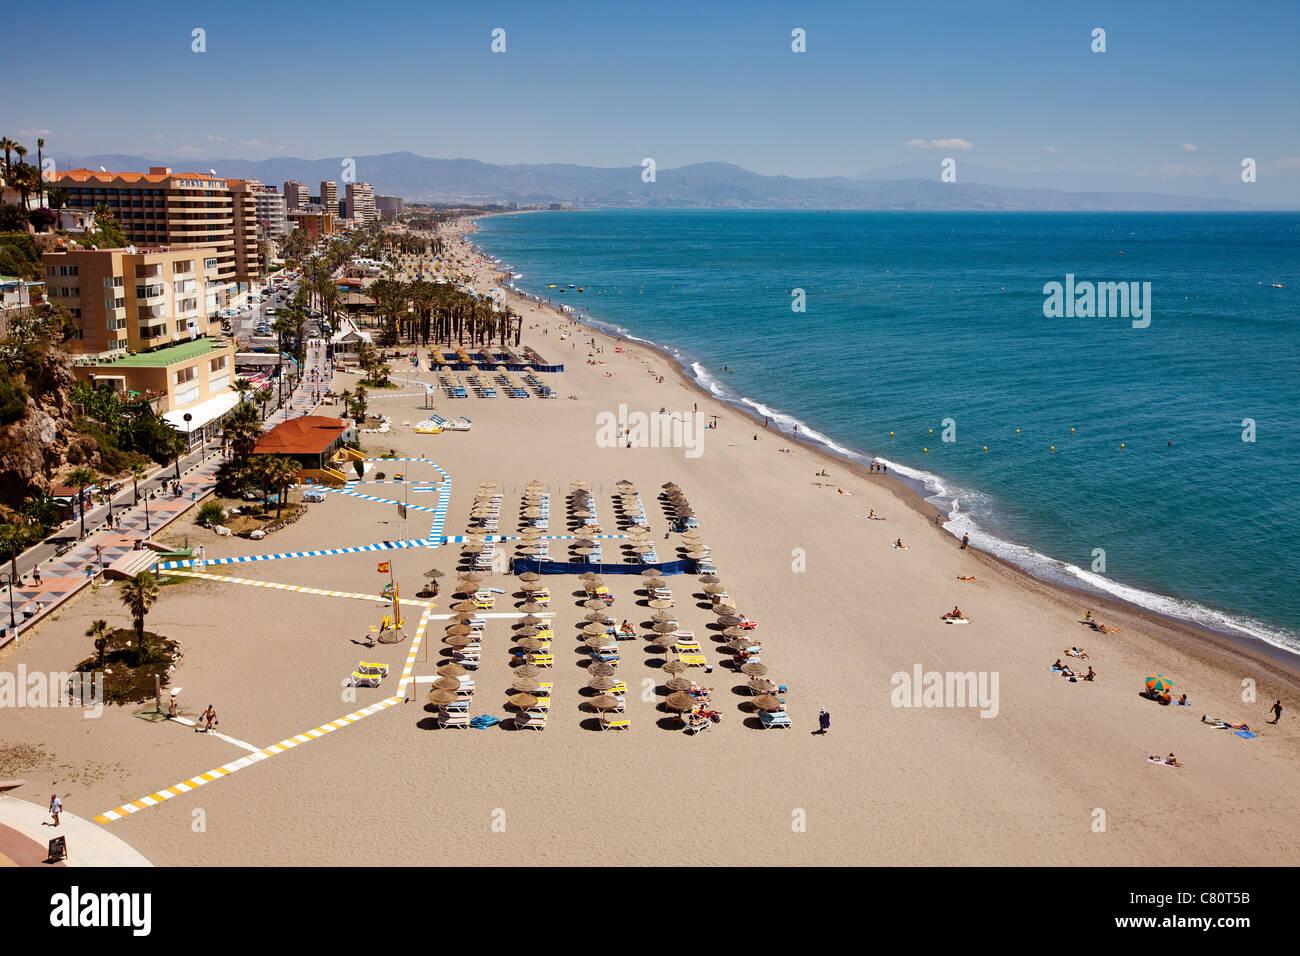 Melia Hotel Malaga Spain